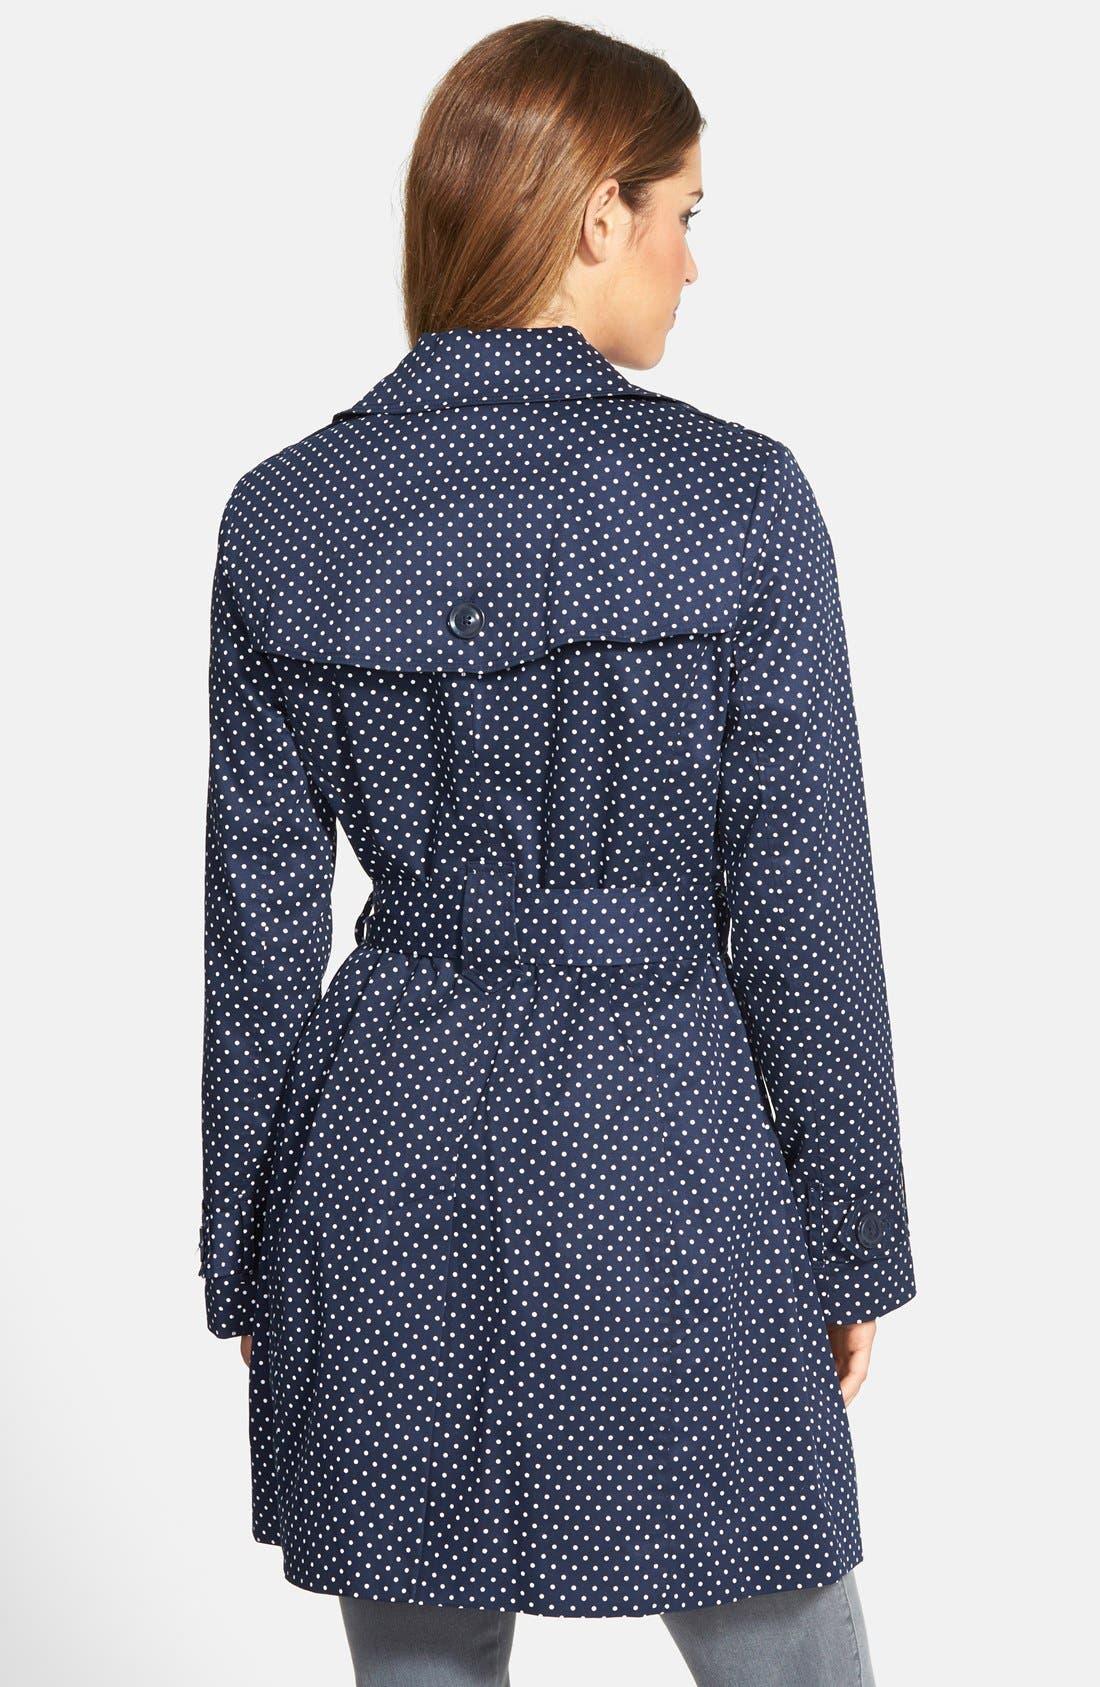 Alternate Image 2  - London Fog Polka Dot Single Breasted Trench Coat (Regular & Petite)